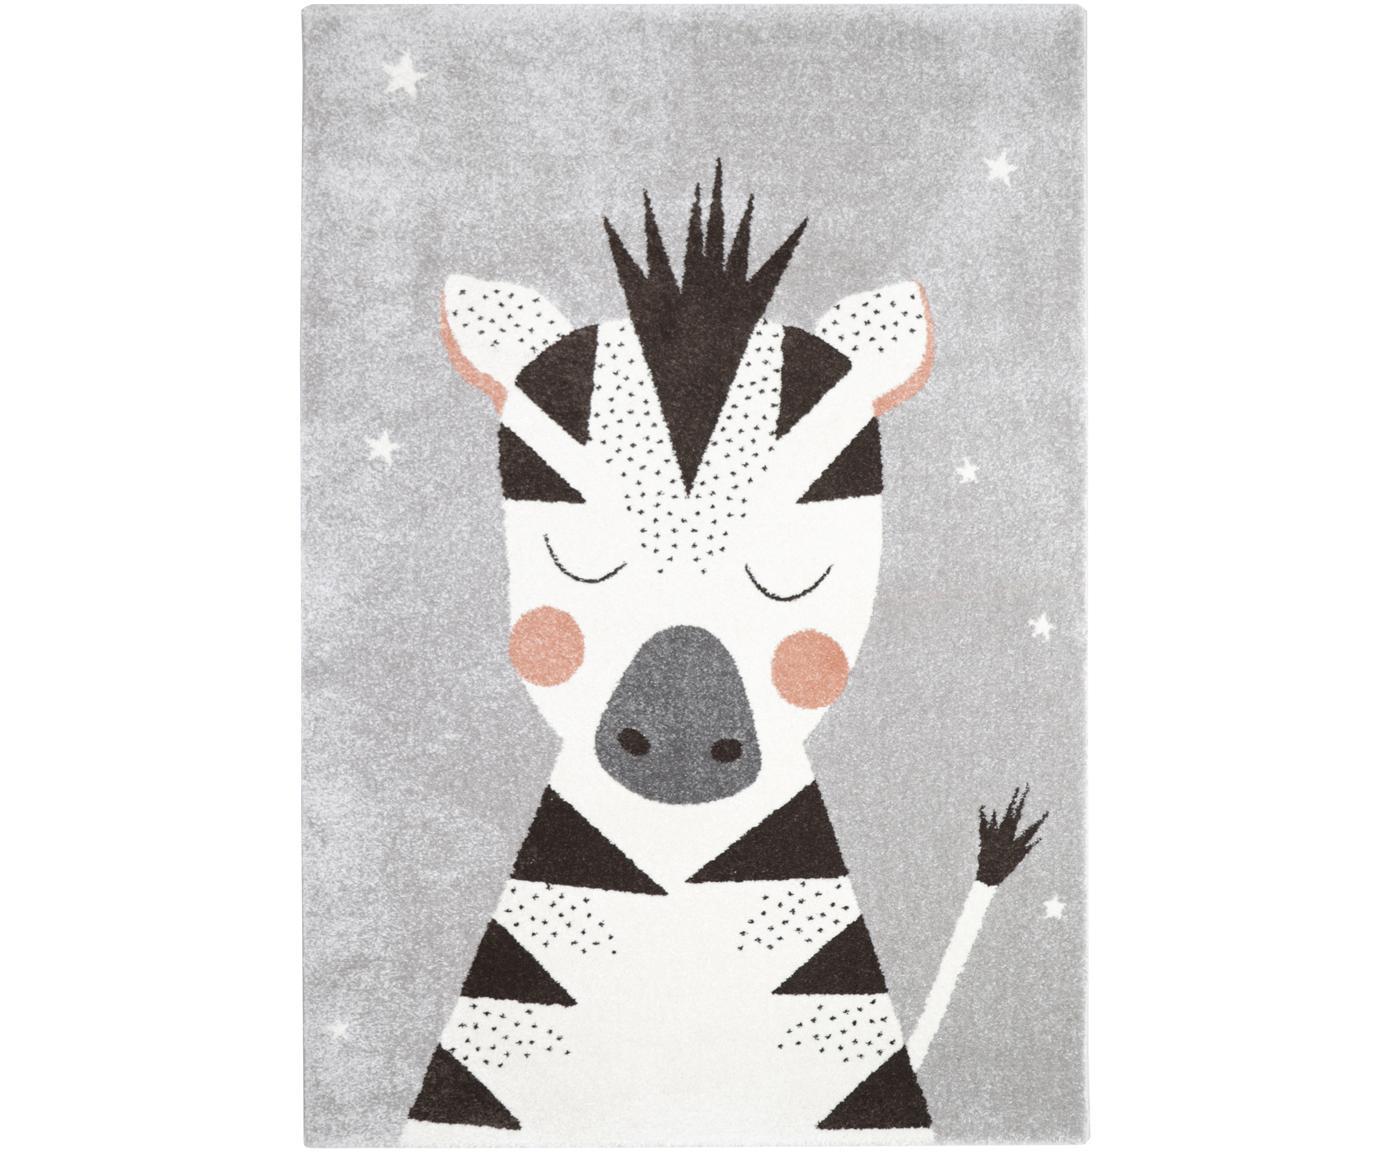 Tappeto in polipropilene con zebra Kika, Polipropilene, Grigio, nero, bianco, rosa, Larg. 120 x Lung. 170 cm